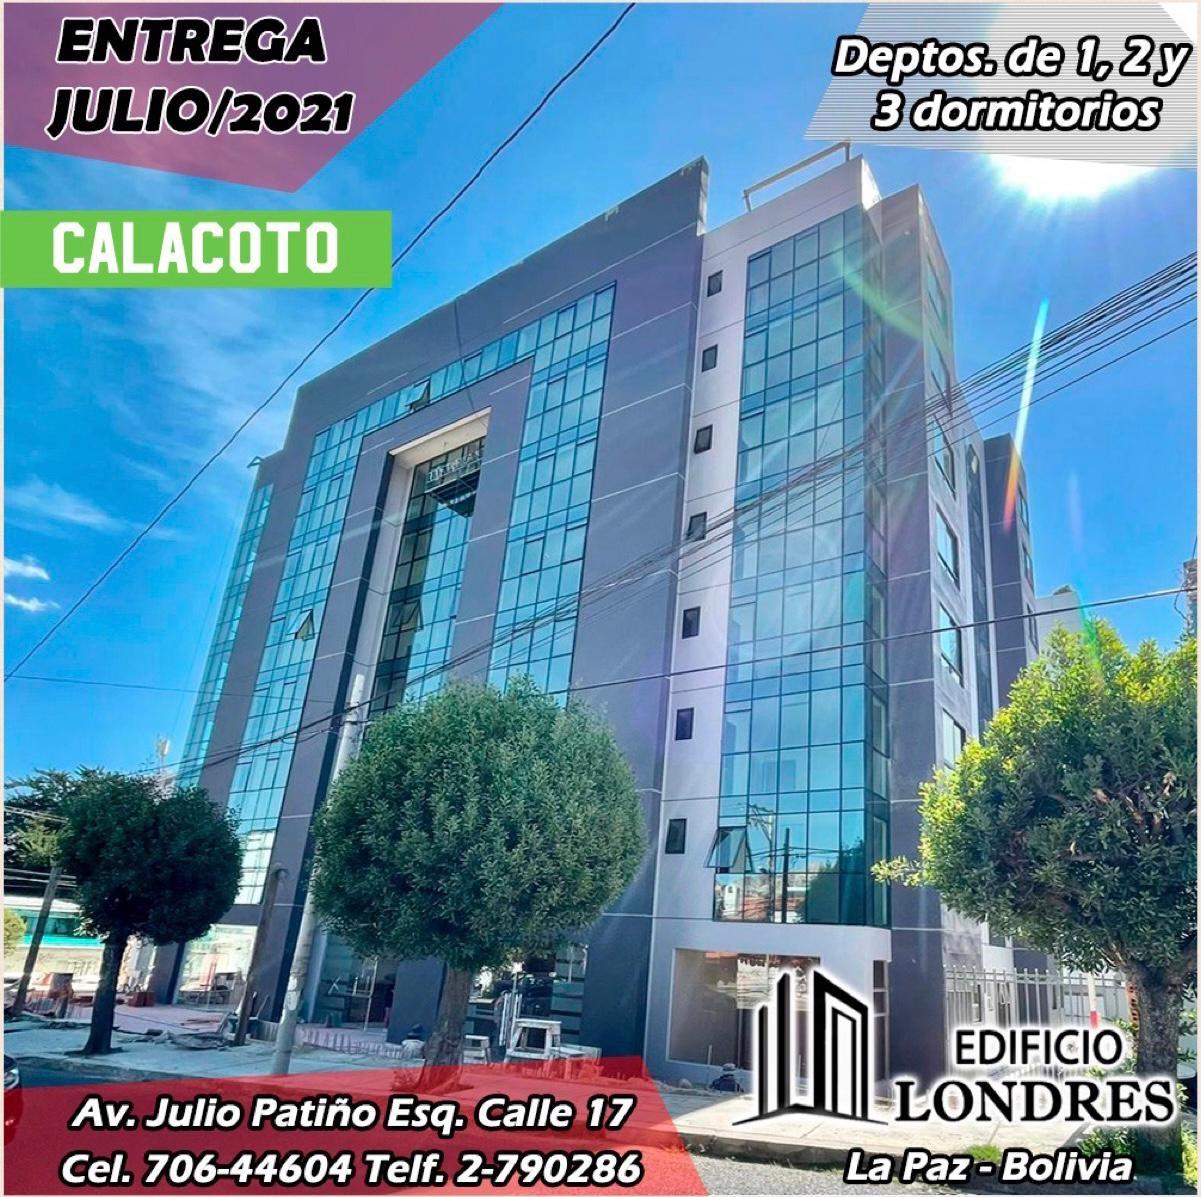 Departamento en Venta Edificio Londres Calle 17 de Calacoto y Esquina Julio Patiño #8083 Foto 3